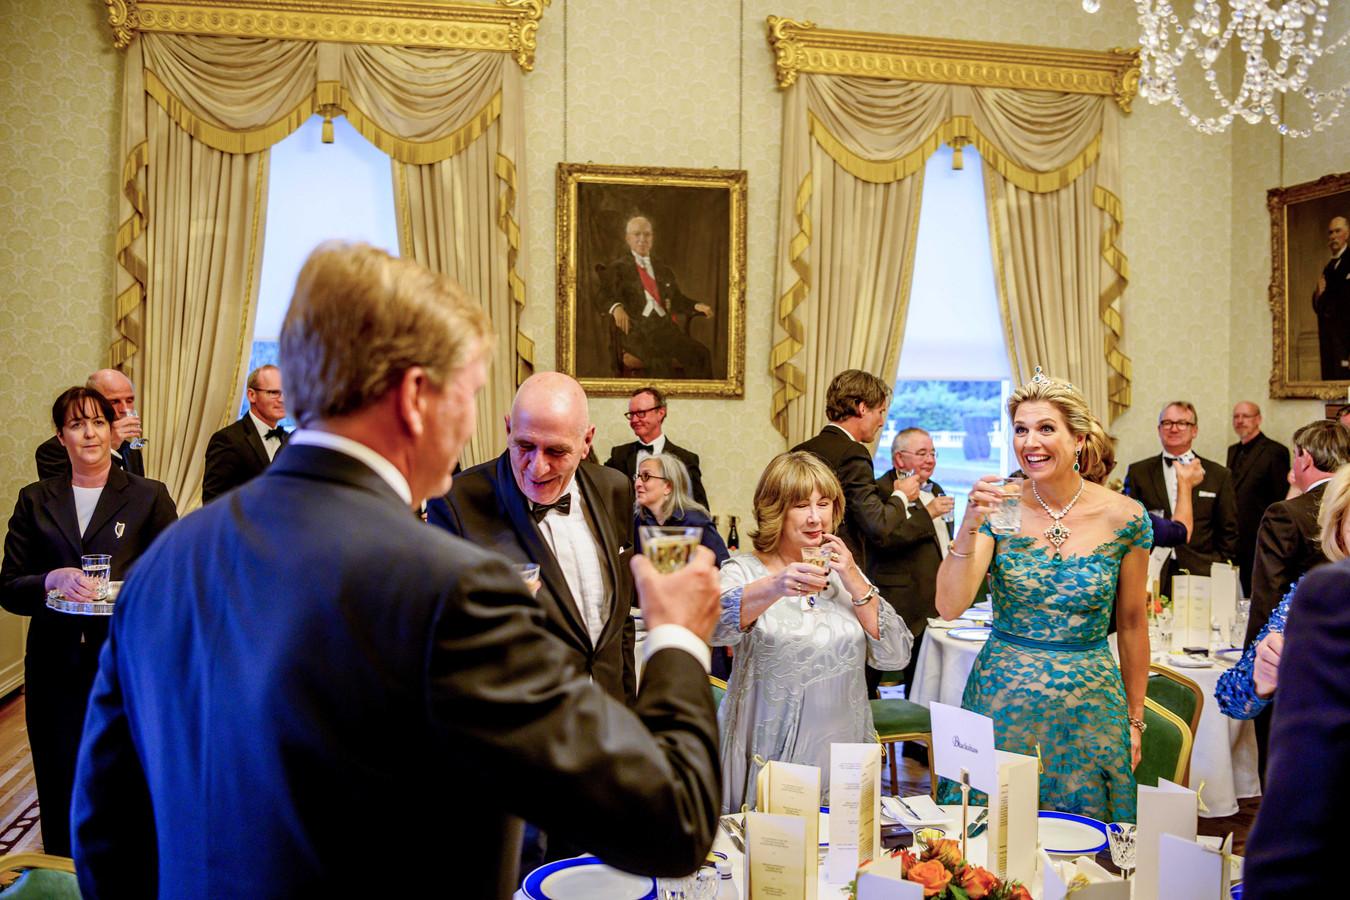 Koning Willem Alexander en koningin Maxima wonen een staatsbanket bij in het presidentieel paleis tijdens de eerste dag van het staatsbezoek aan Ierland.